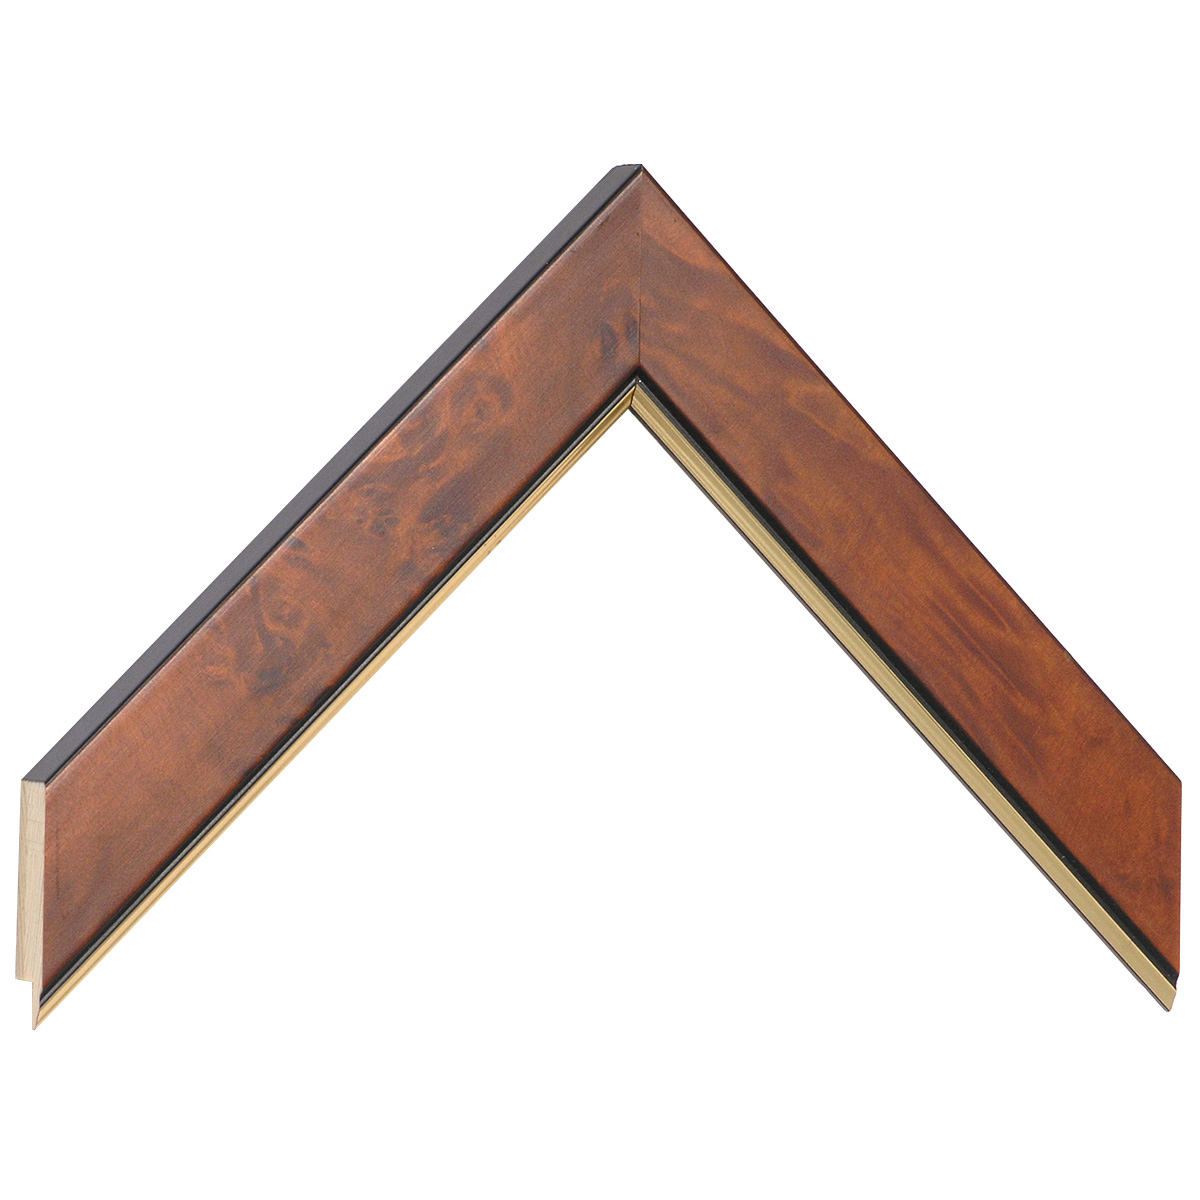 Moulding burl veneer 30mm - matt brown with gold edge